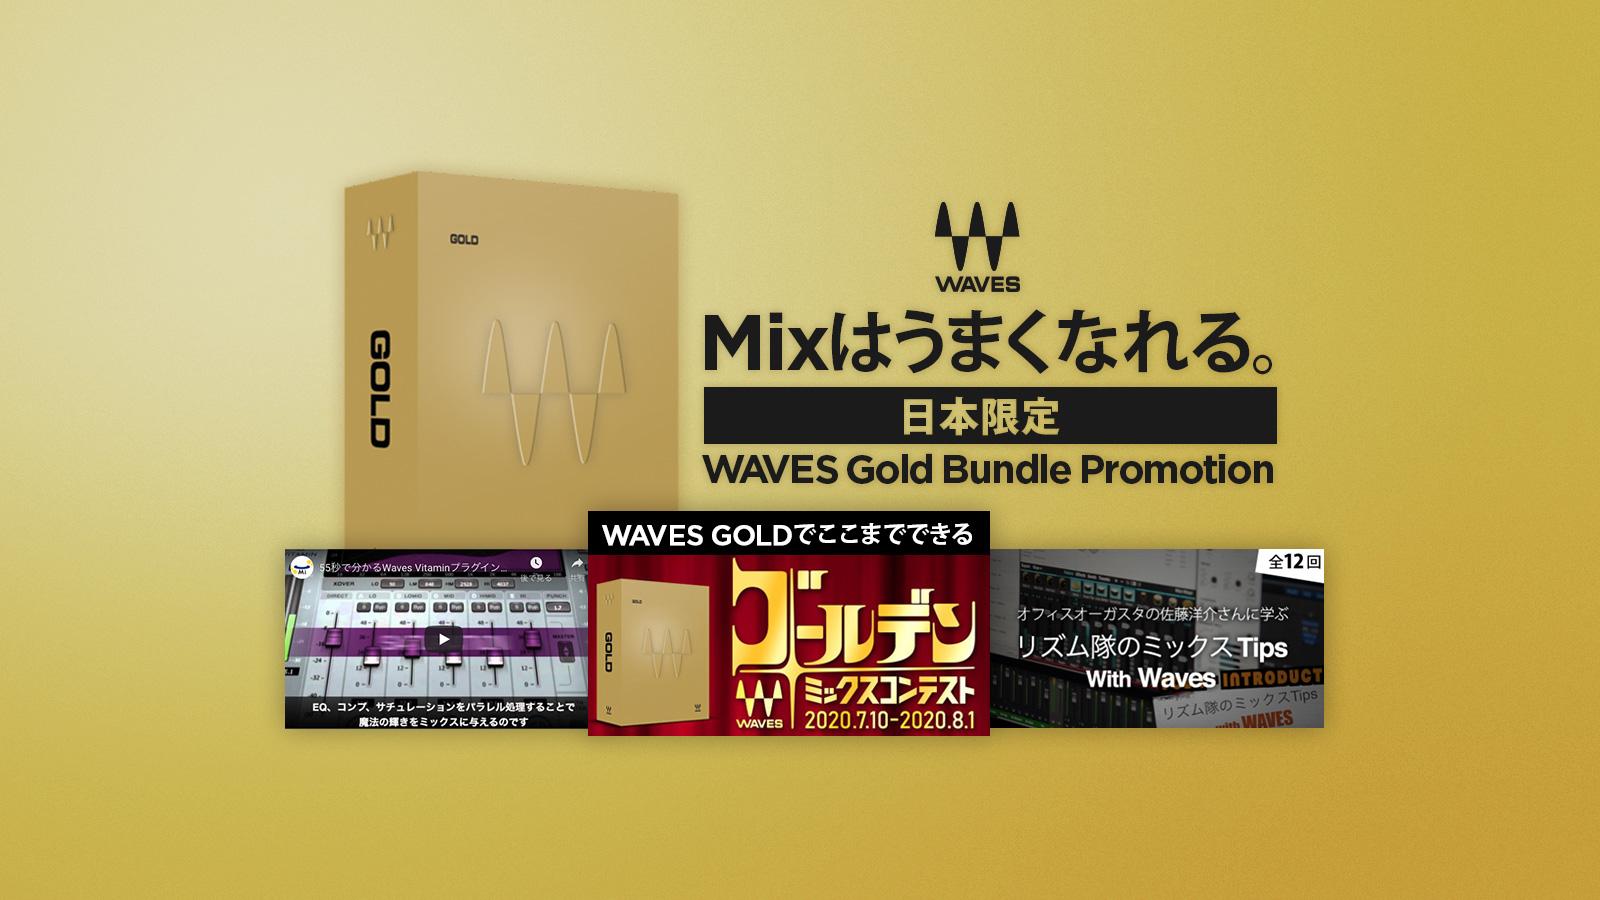 【日本限定】必携定番バンドル Waves Gold が9,000円!